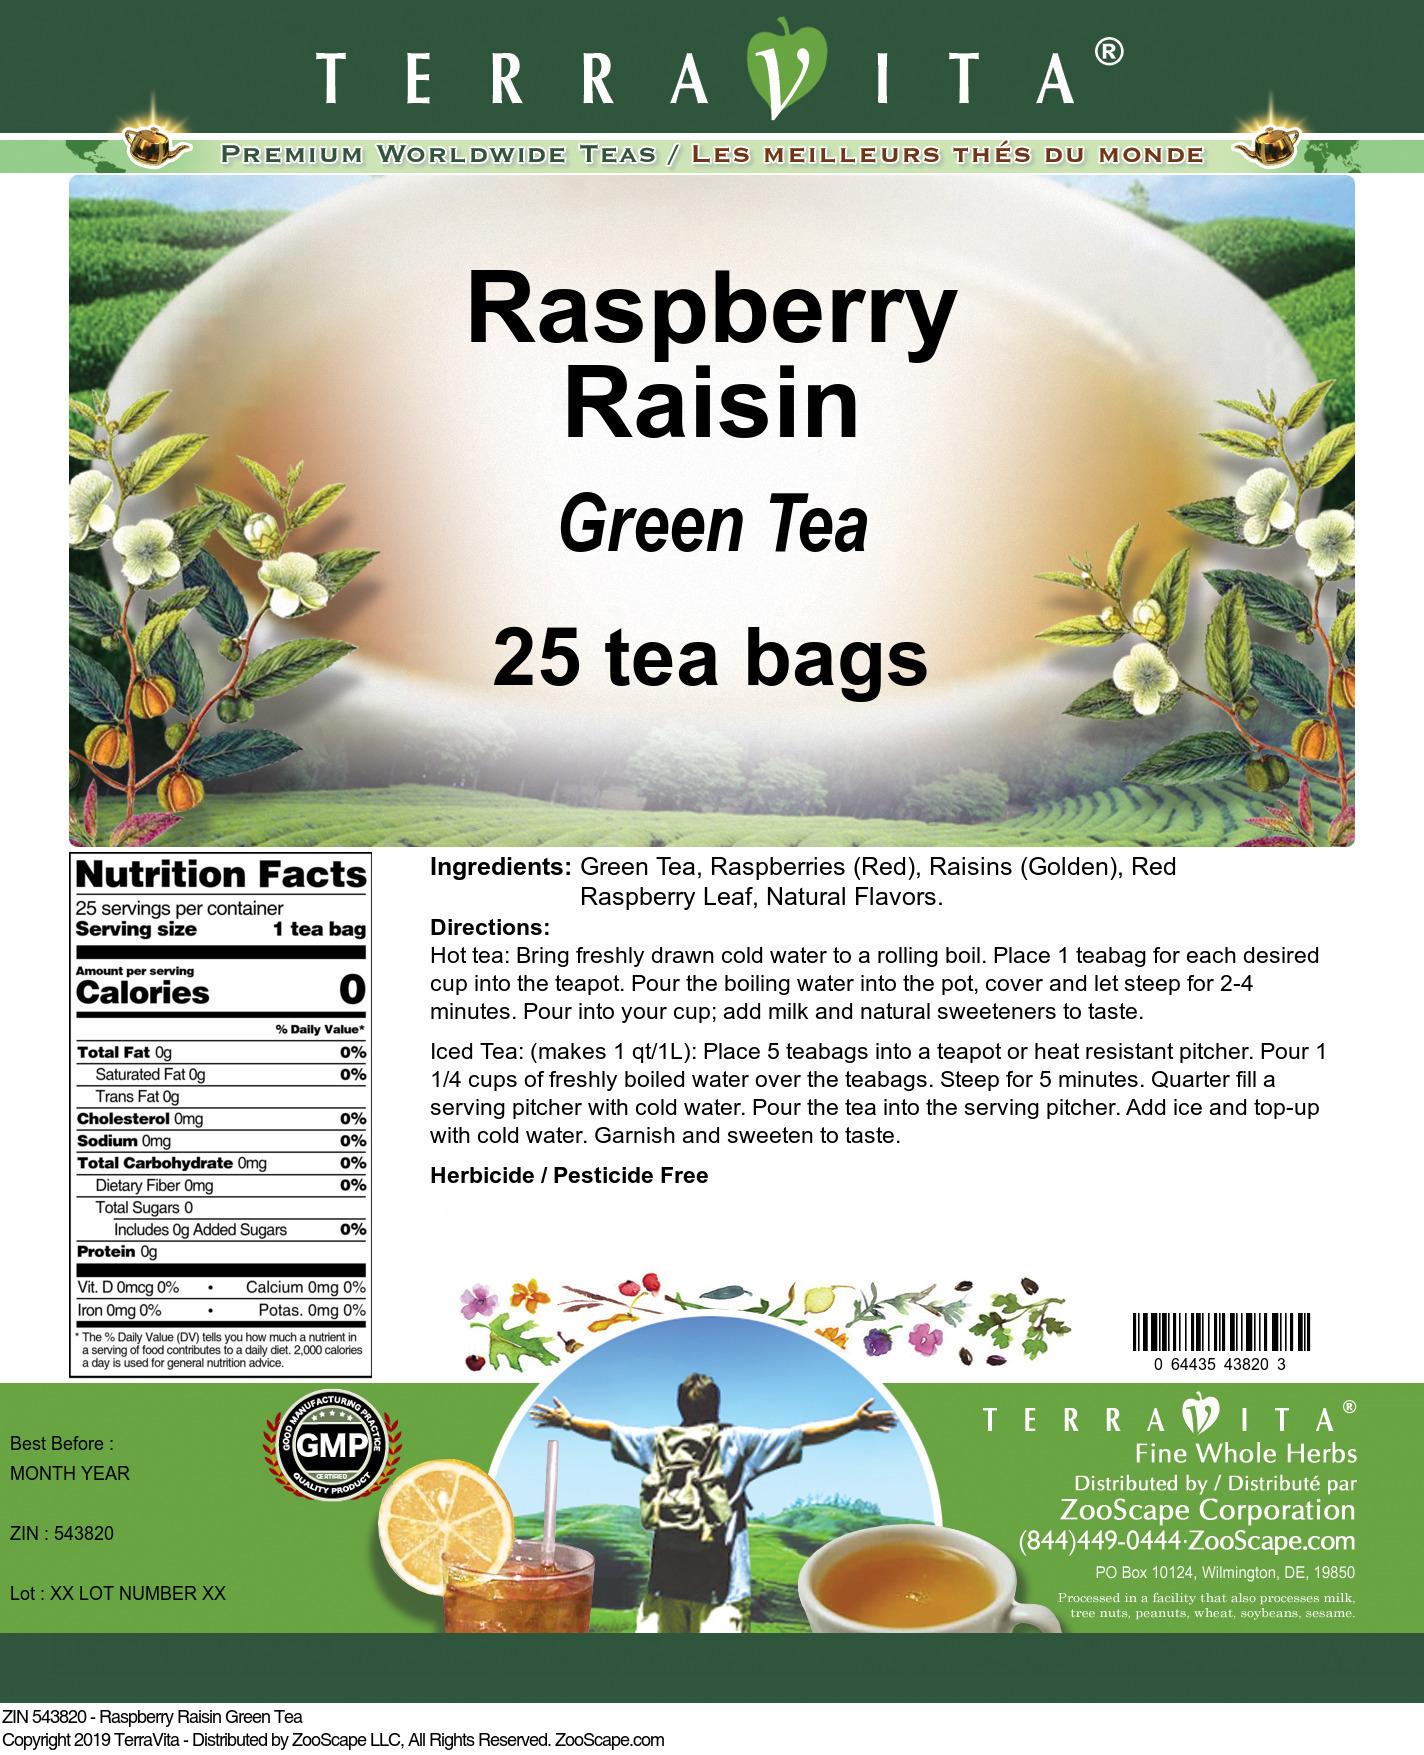 Raspberry Raisin Green Tea